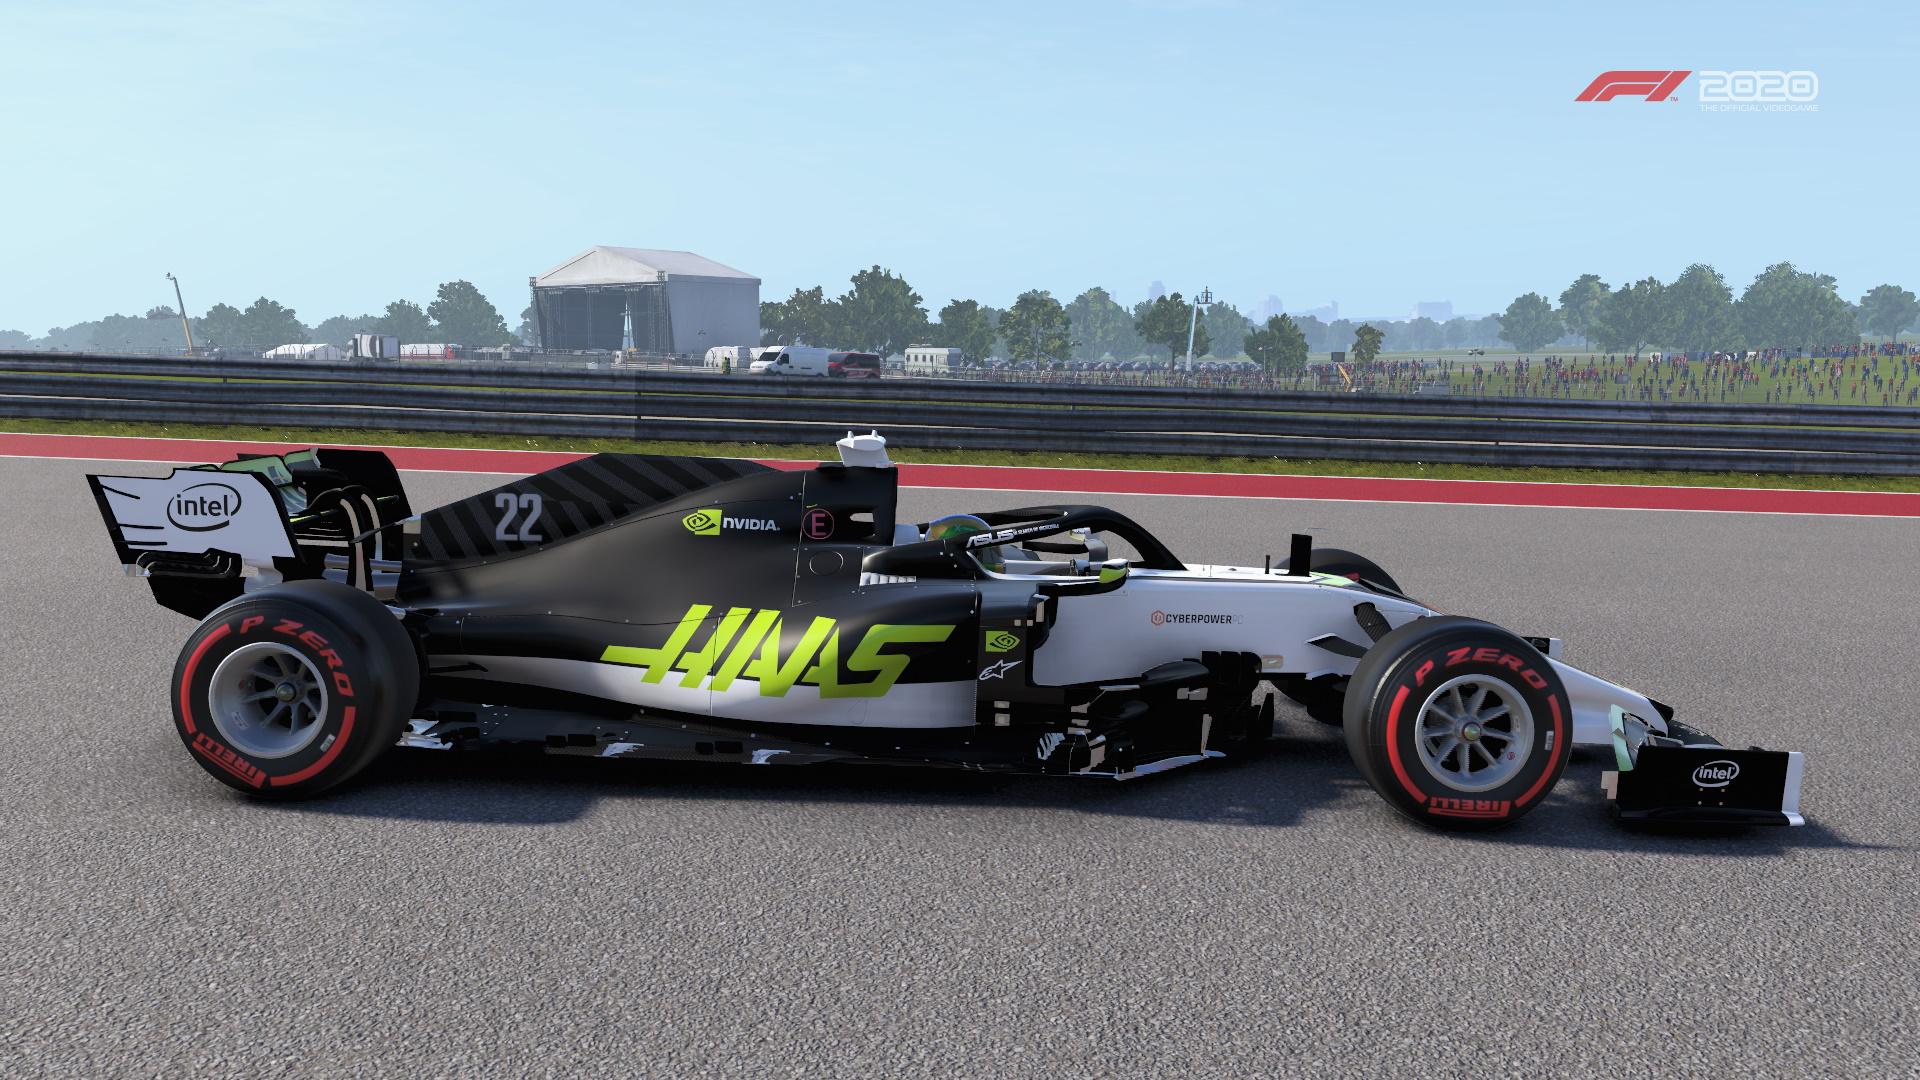 F1 2020 Screenshot 2020.09.15 - 16.58.17.60.jpg